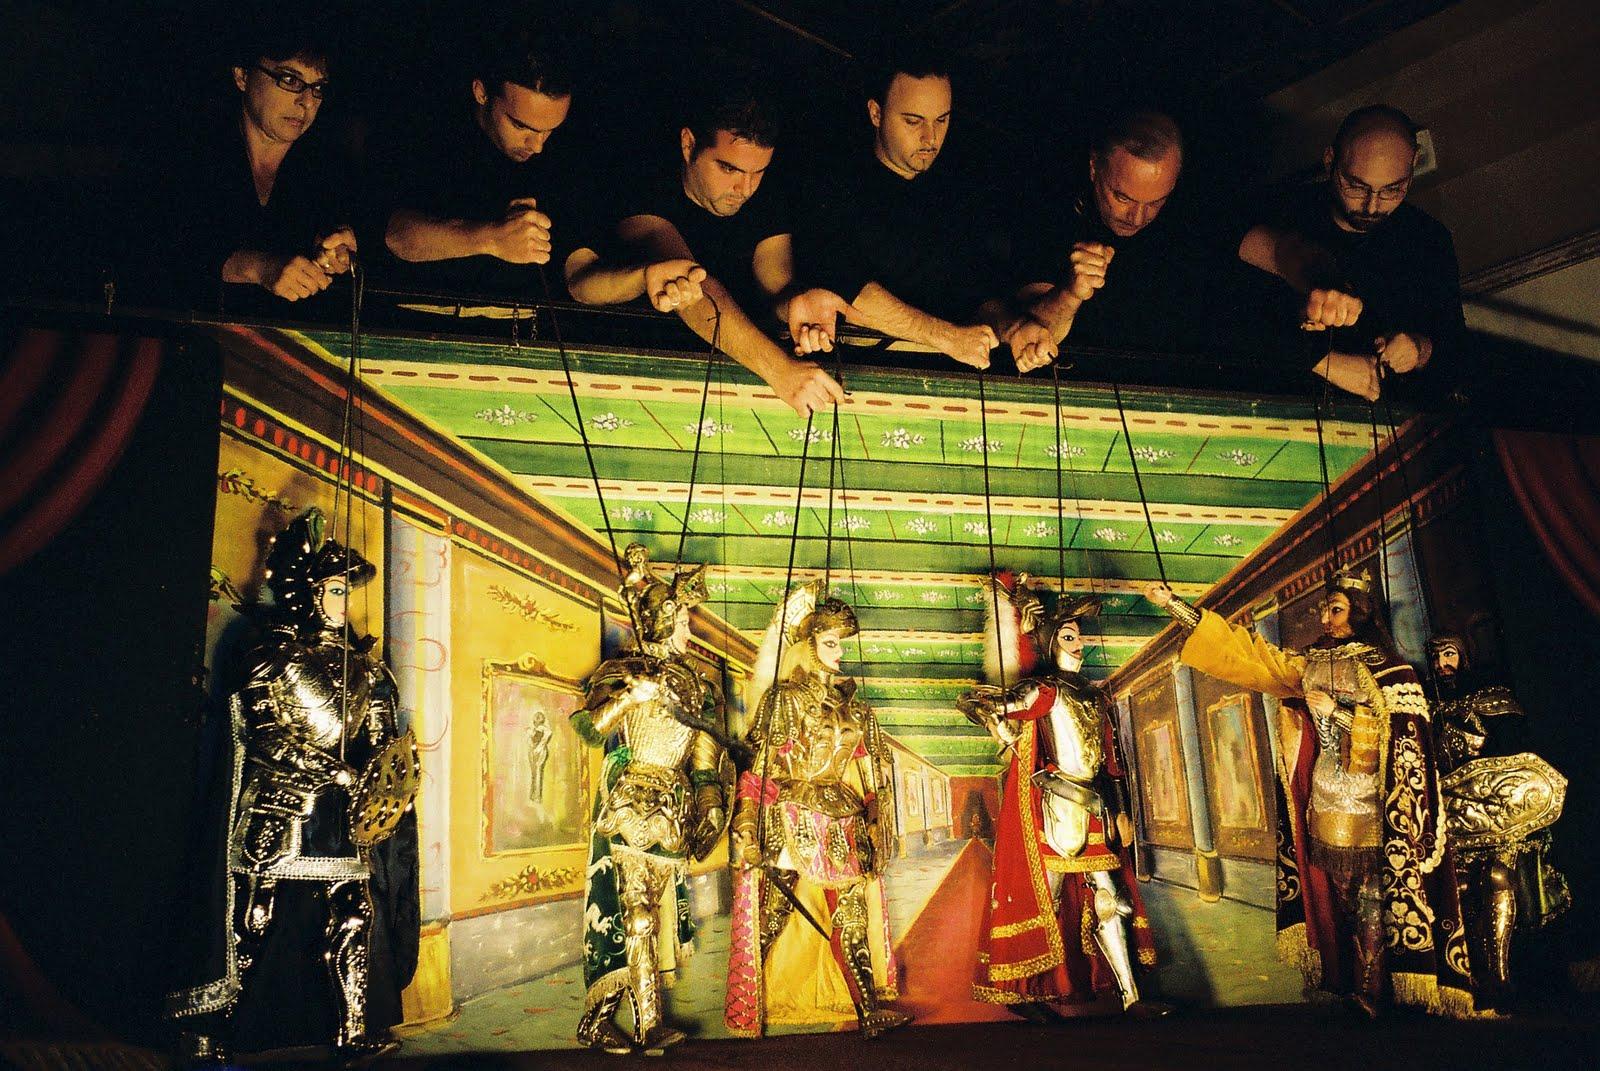 L'opera dei pupi: le marionette siciliane importate dalla Spagna nell'800